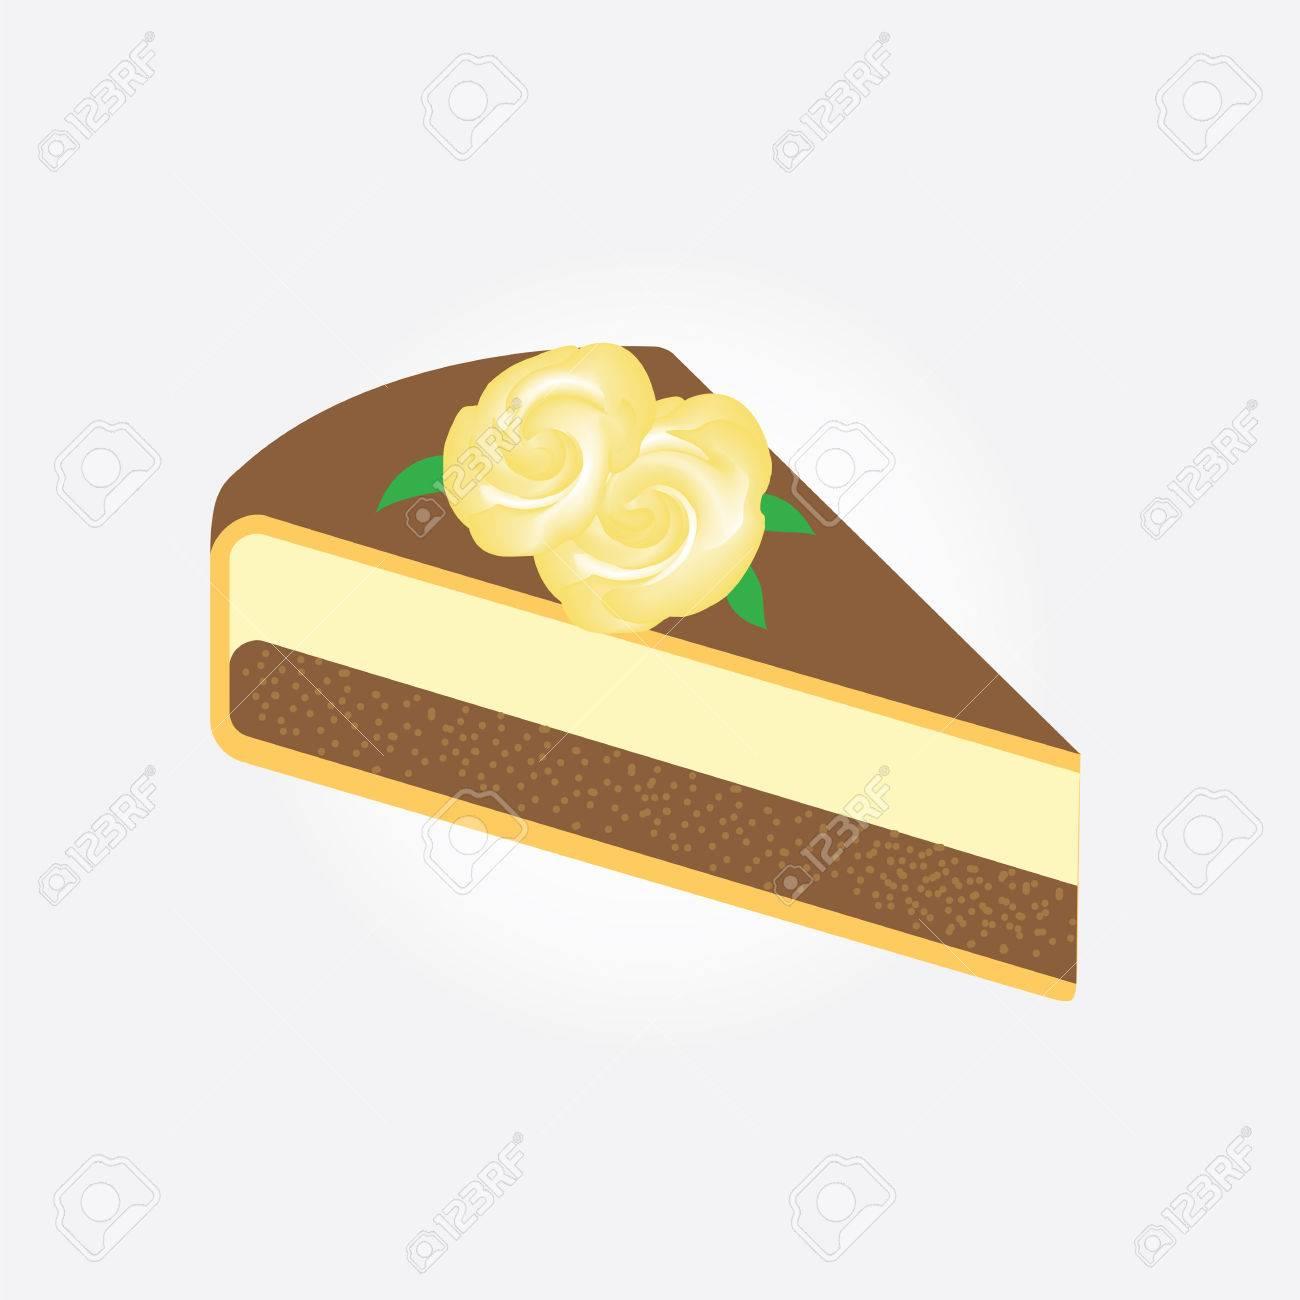 AuBergewohnlich Standard Bild   Stück Kuchen Dekoriert Mit Gelben Rosen, Die Isoliert Auf  Weißem Hintergrund Kunst, Kreative Vektor Design Element